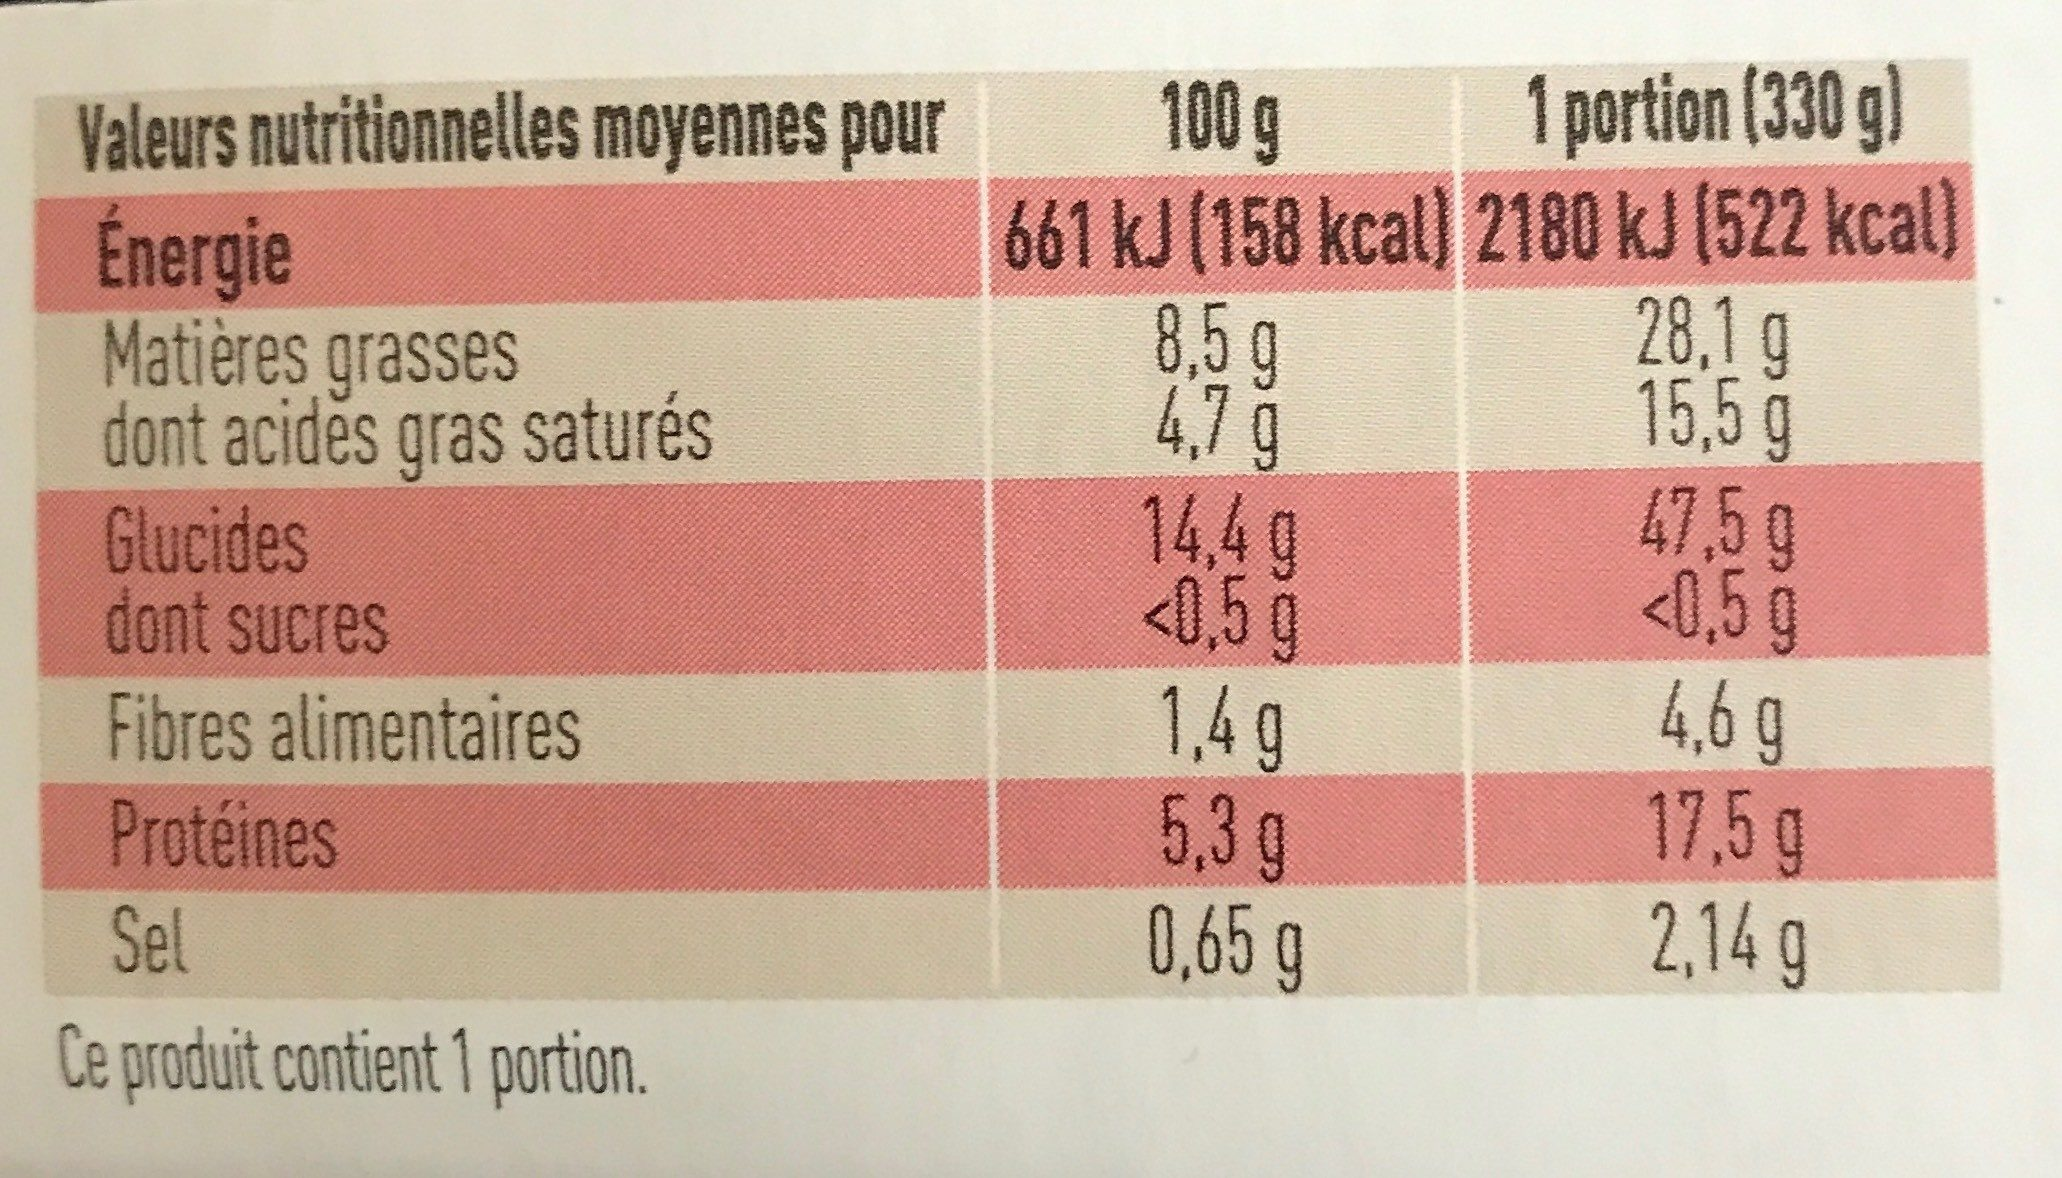 Tagliatelles à la carbonara - Informations nutritionnelles